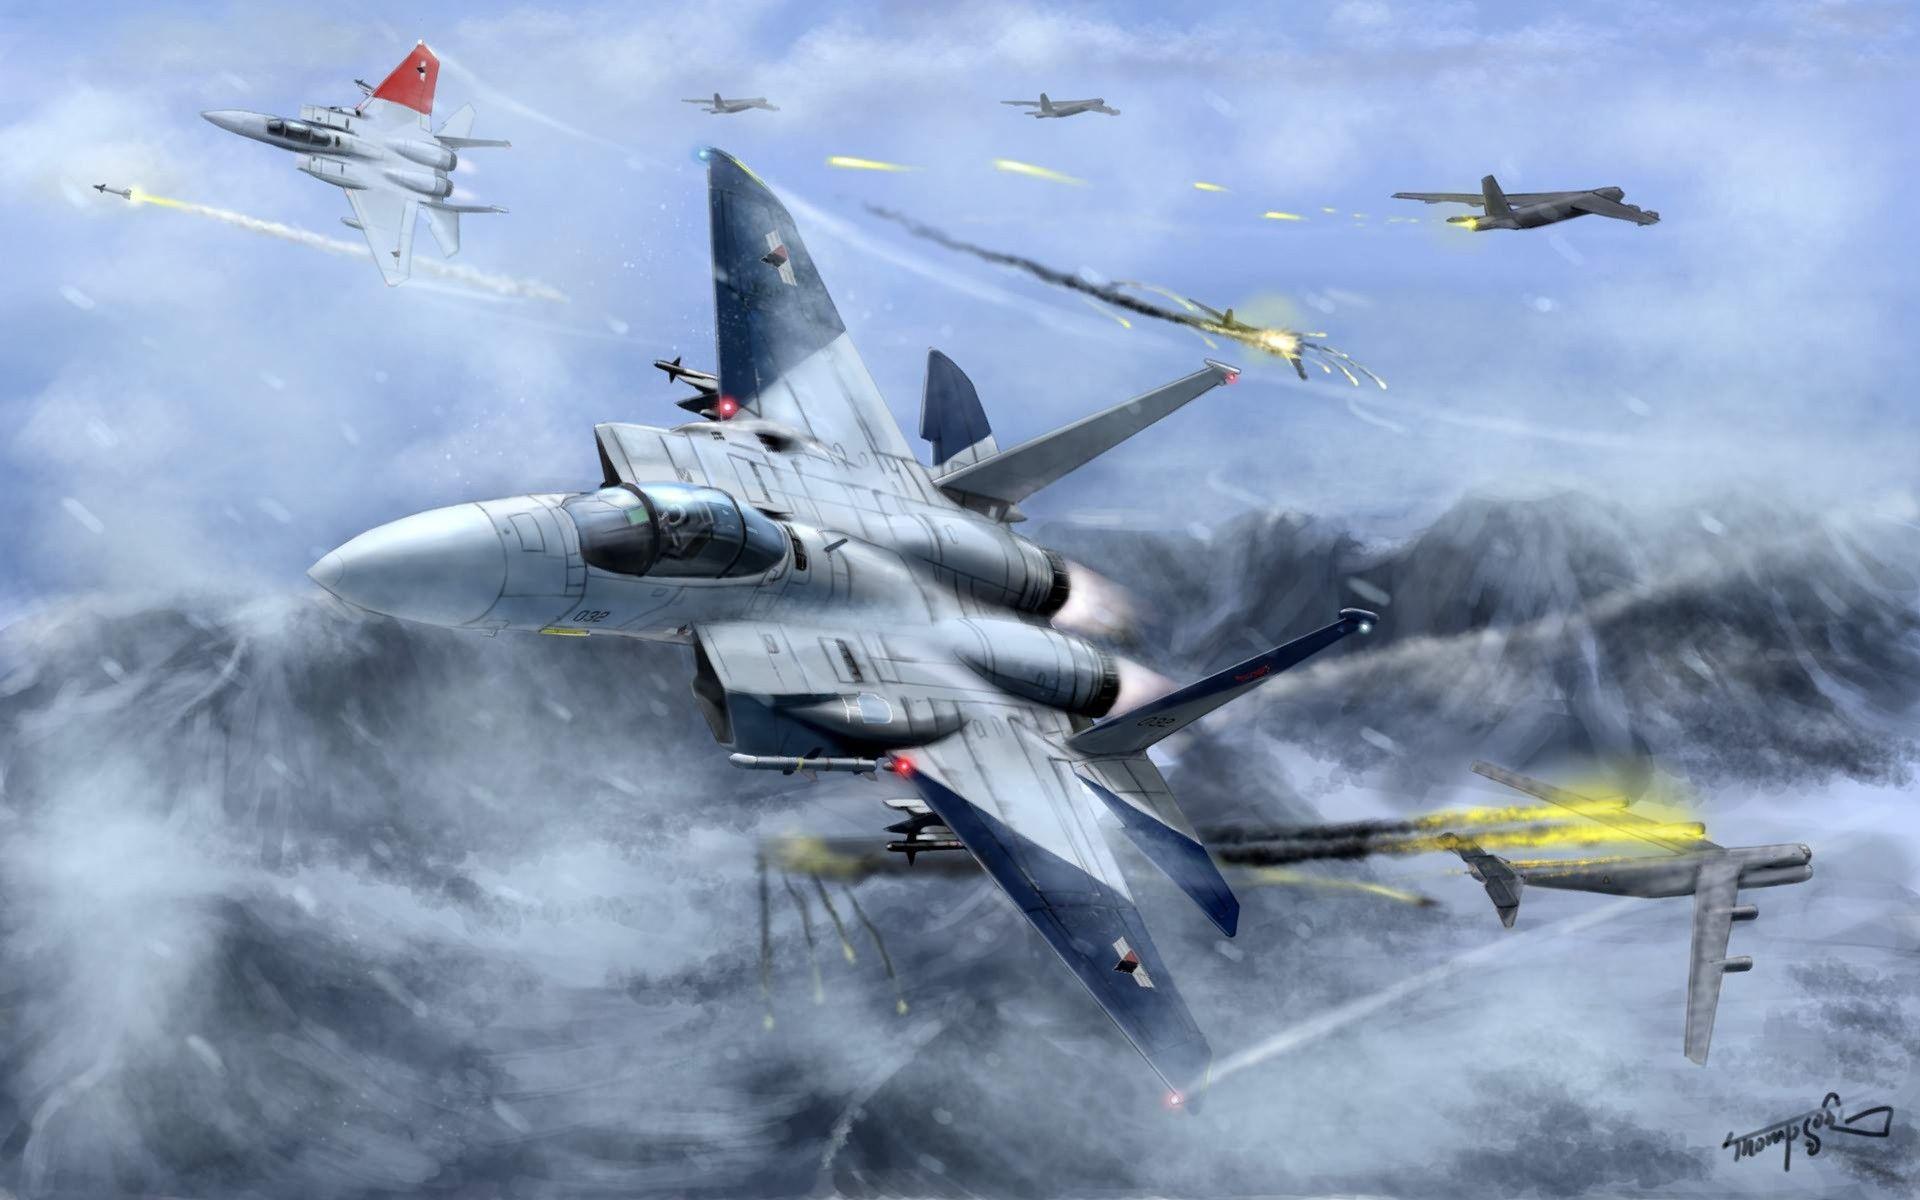 dessin-avion_1